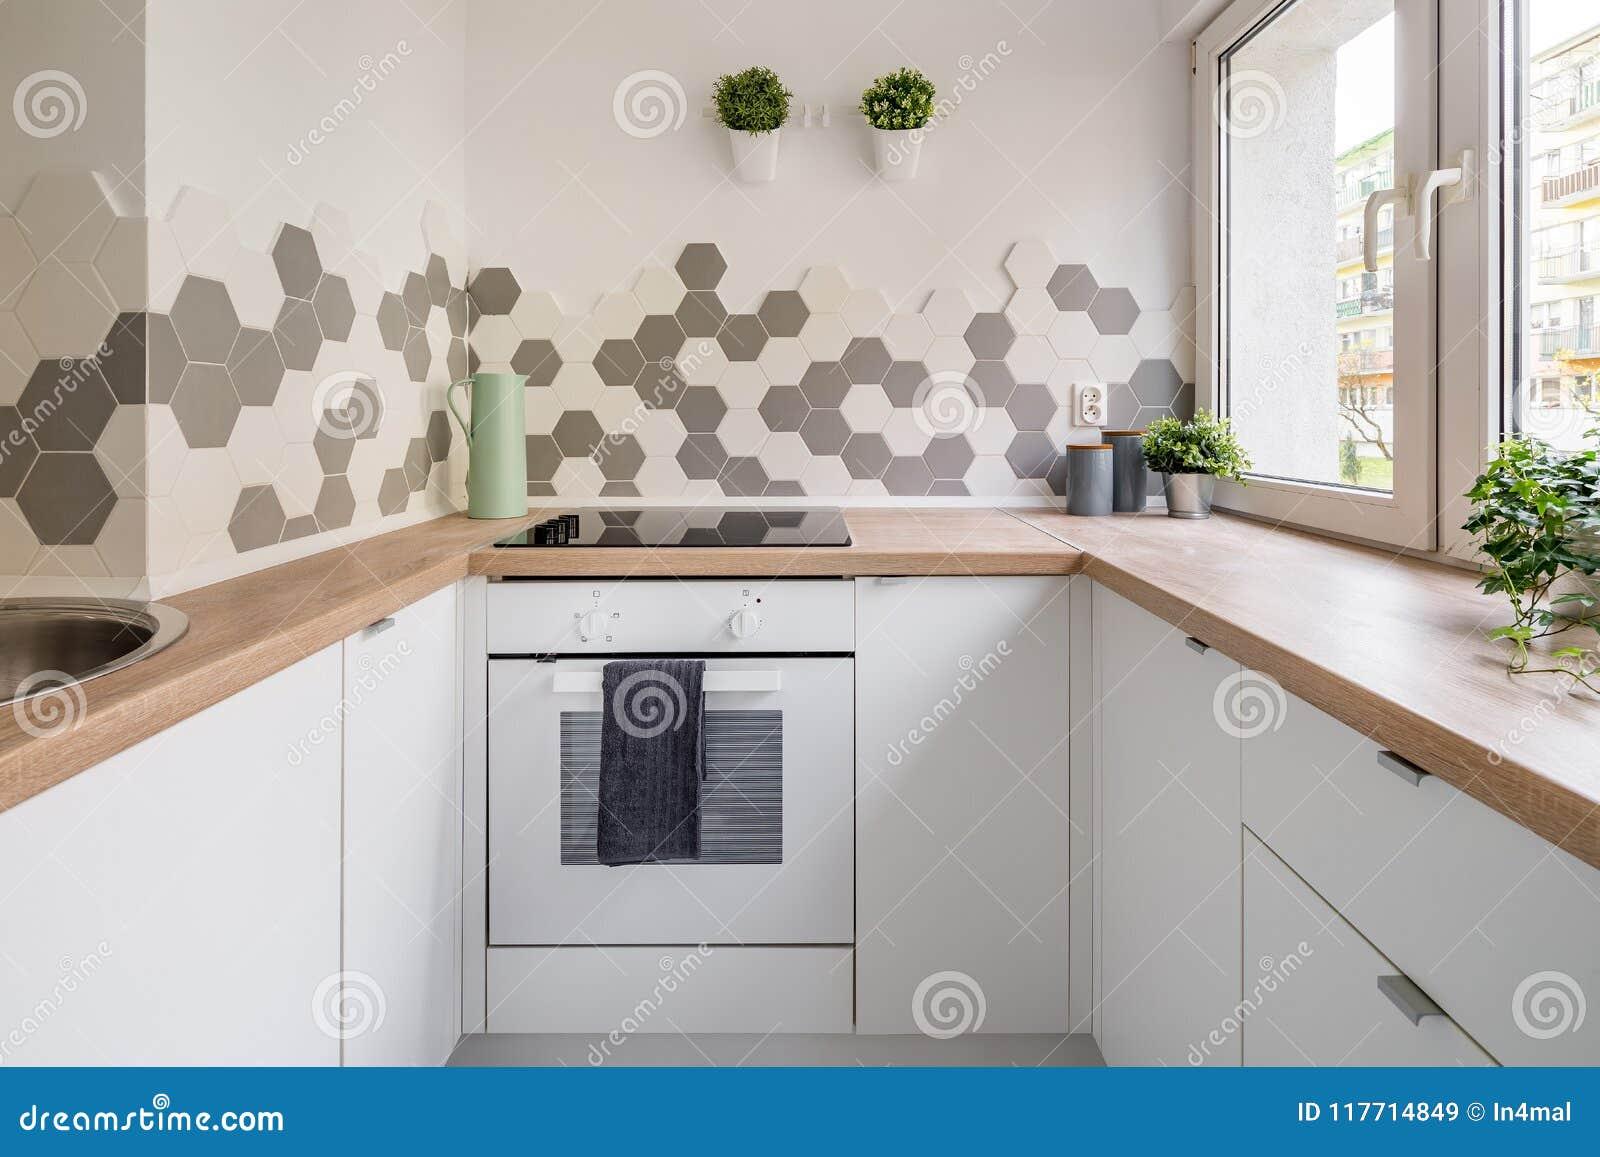 Keuken Interieur Scandinavisch : Keuken in skandinavische stijl stock afbeelding afbeelding